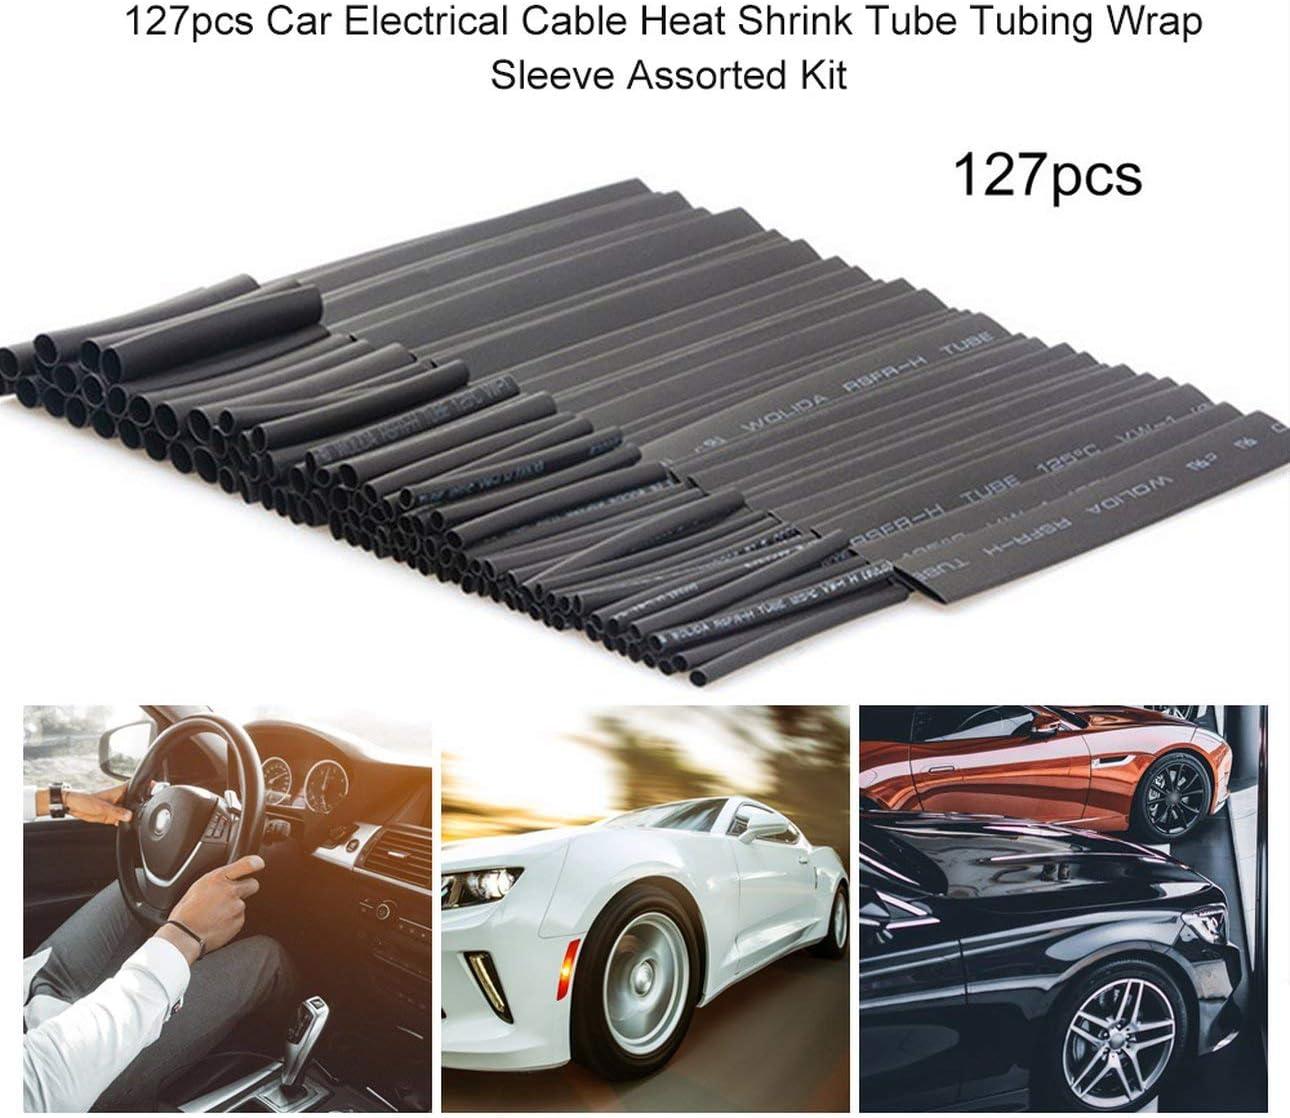 Ballylelly 127pcs Auto Elektrokabel Schrumpfschlauch Umweltschutz Flammhemmende Schl/äuche Wrap Sleeve Assorted Kit